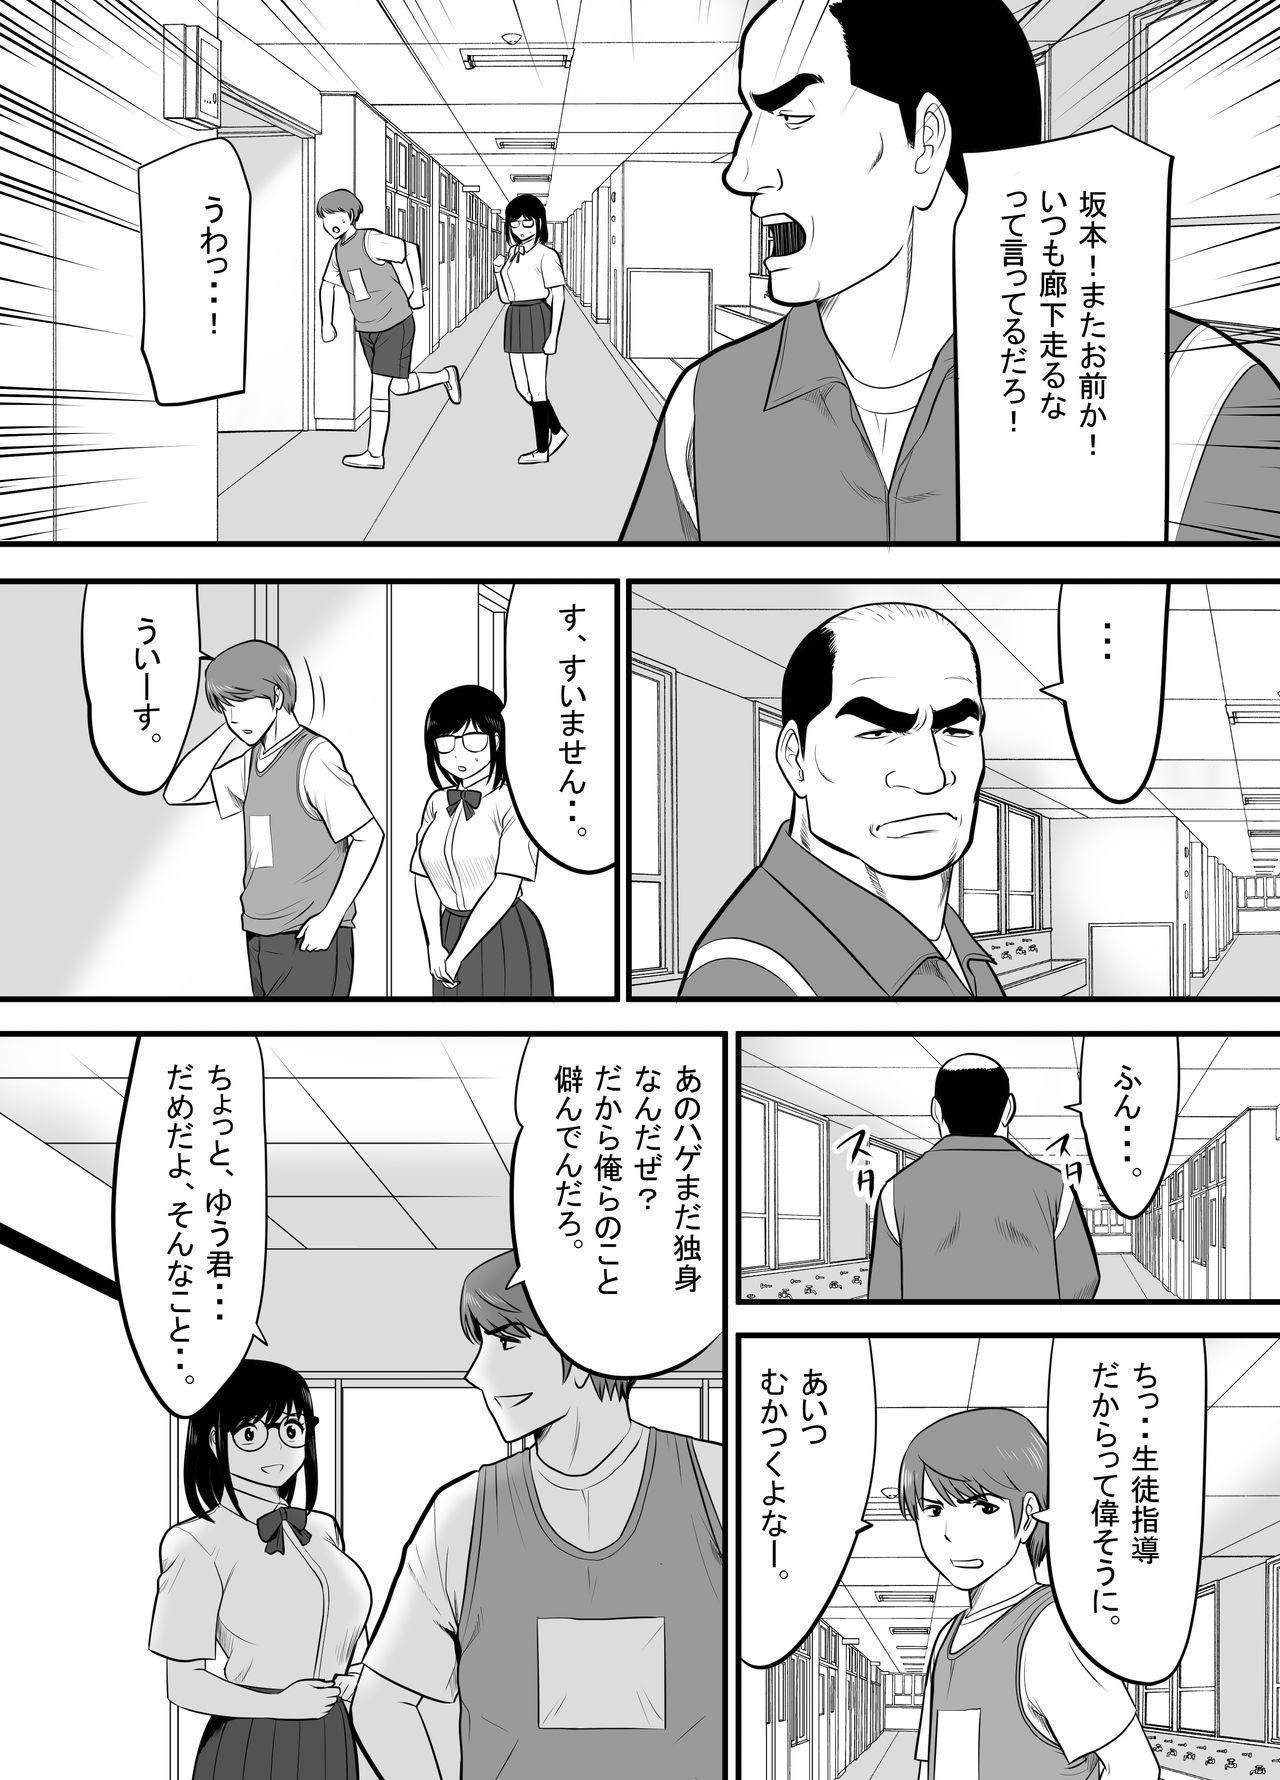 Namaiki na Danshi Seito ga Ita node Juujun na Kanojo o Kawari ni Otoshite yatta 5